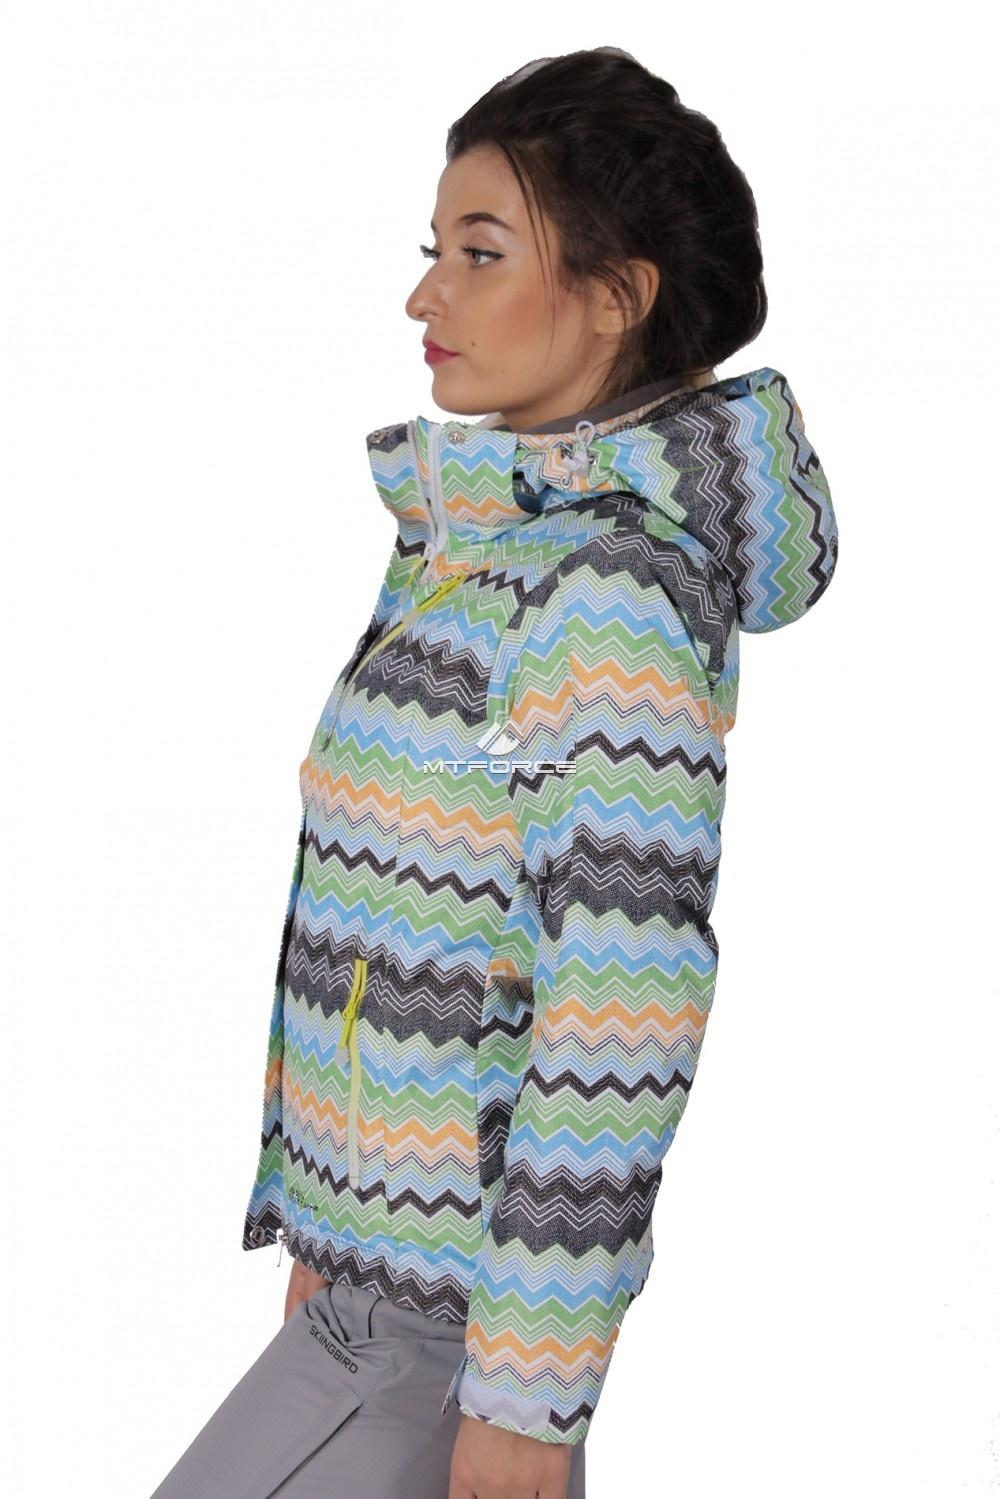 Купить оптом Куртка спортивная женская осень весна салатового цвета 1716Sl в Воронеже